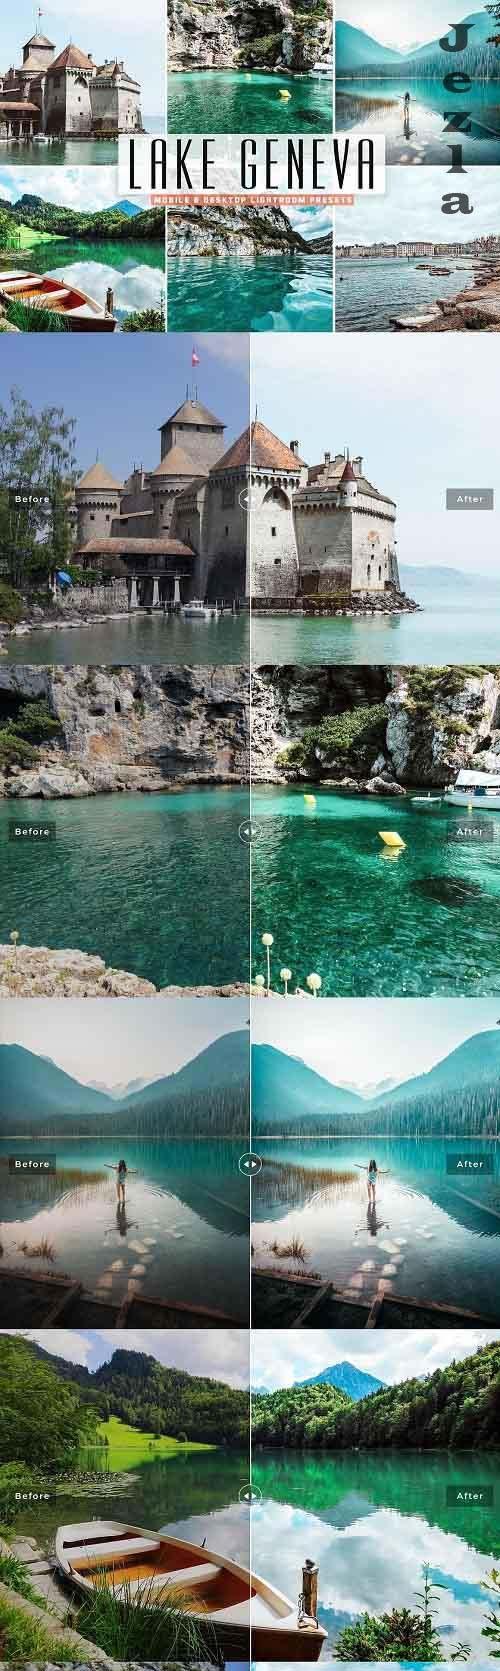 Lake Geneva Pro Lightroom Presets - 5344991 - Mobile & Desktop